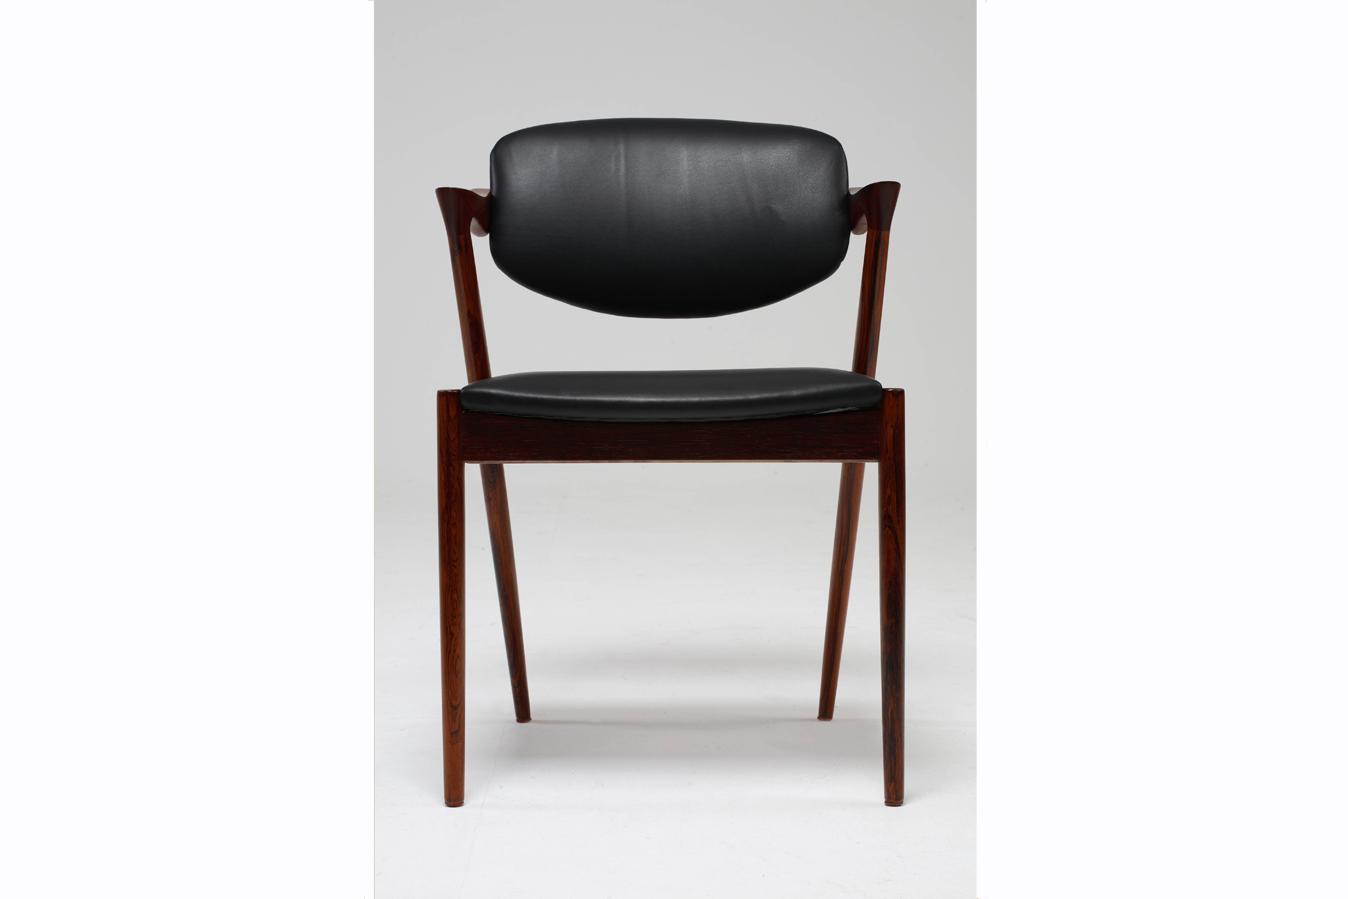 Chair_10_001_cleaned_gallery_block.jpg